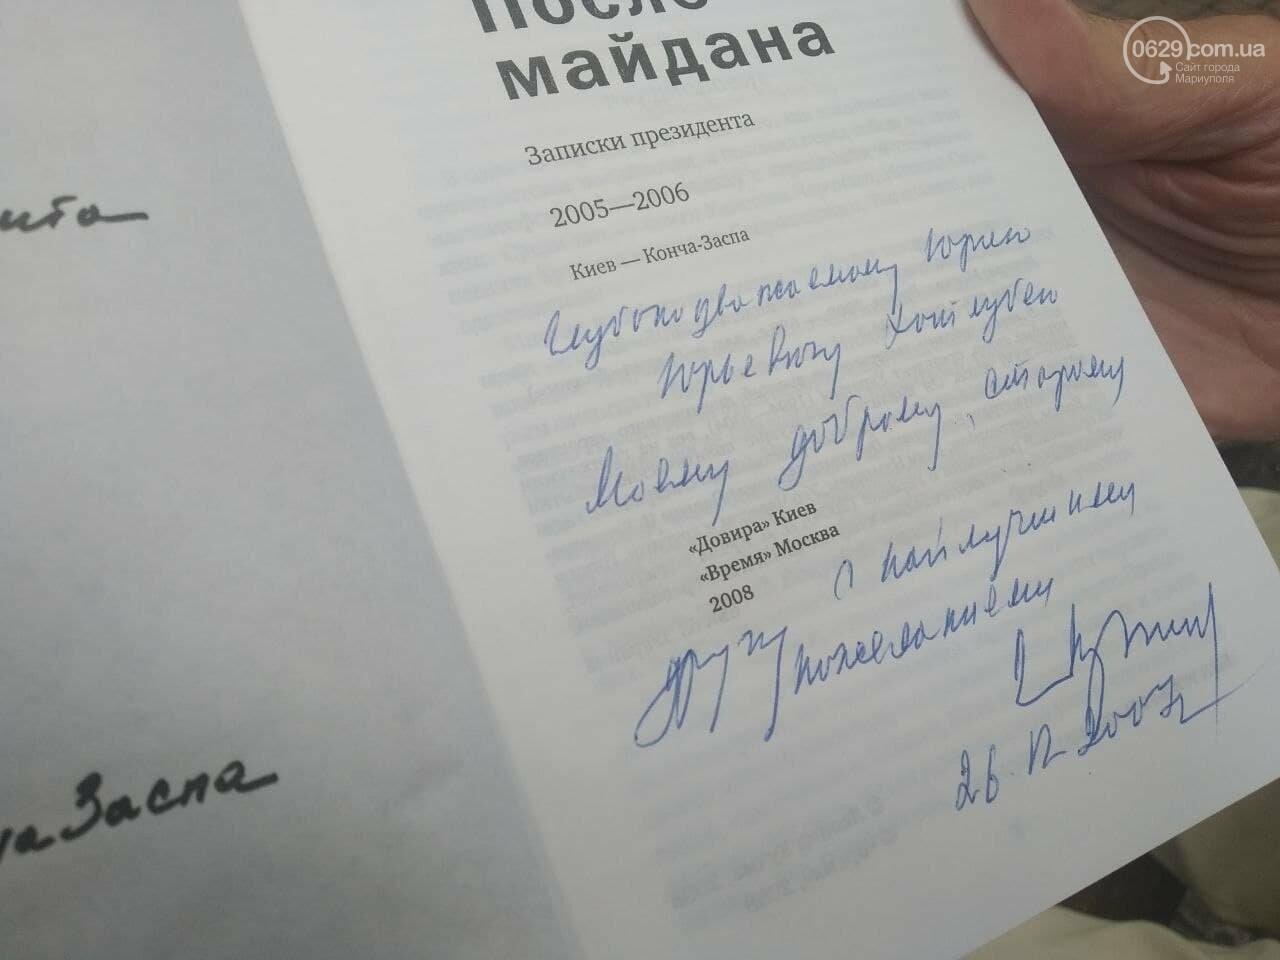 """""""Я не был суперпатриотом"""". Как в СССР становились градоначальниками. Интервью с Юрием Хотлубеем. Часть 2, - ФОТО, фото-1"""